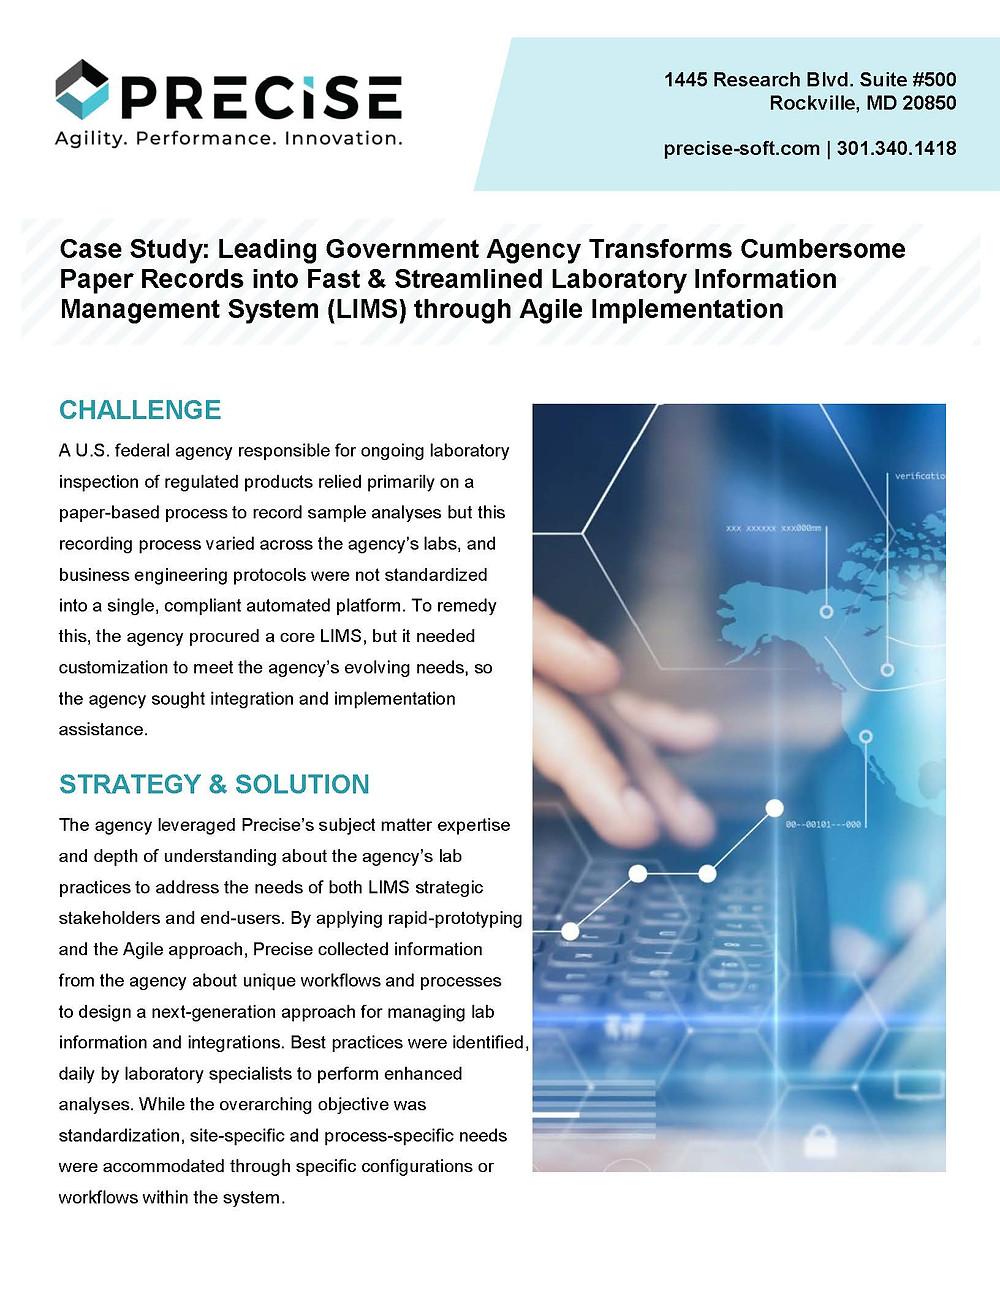 LIMS Case Study